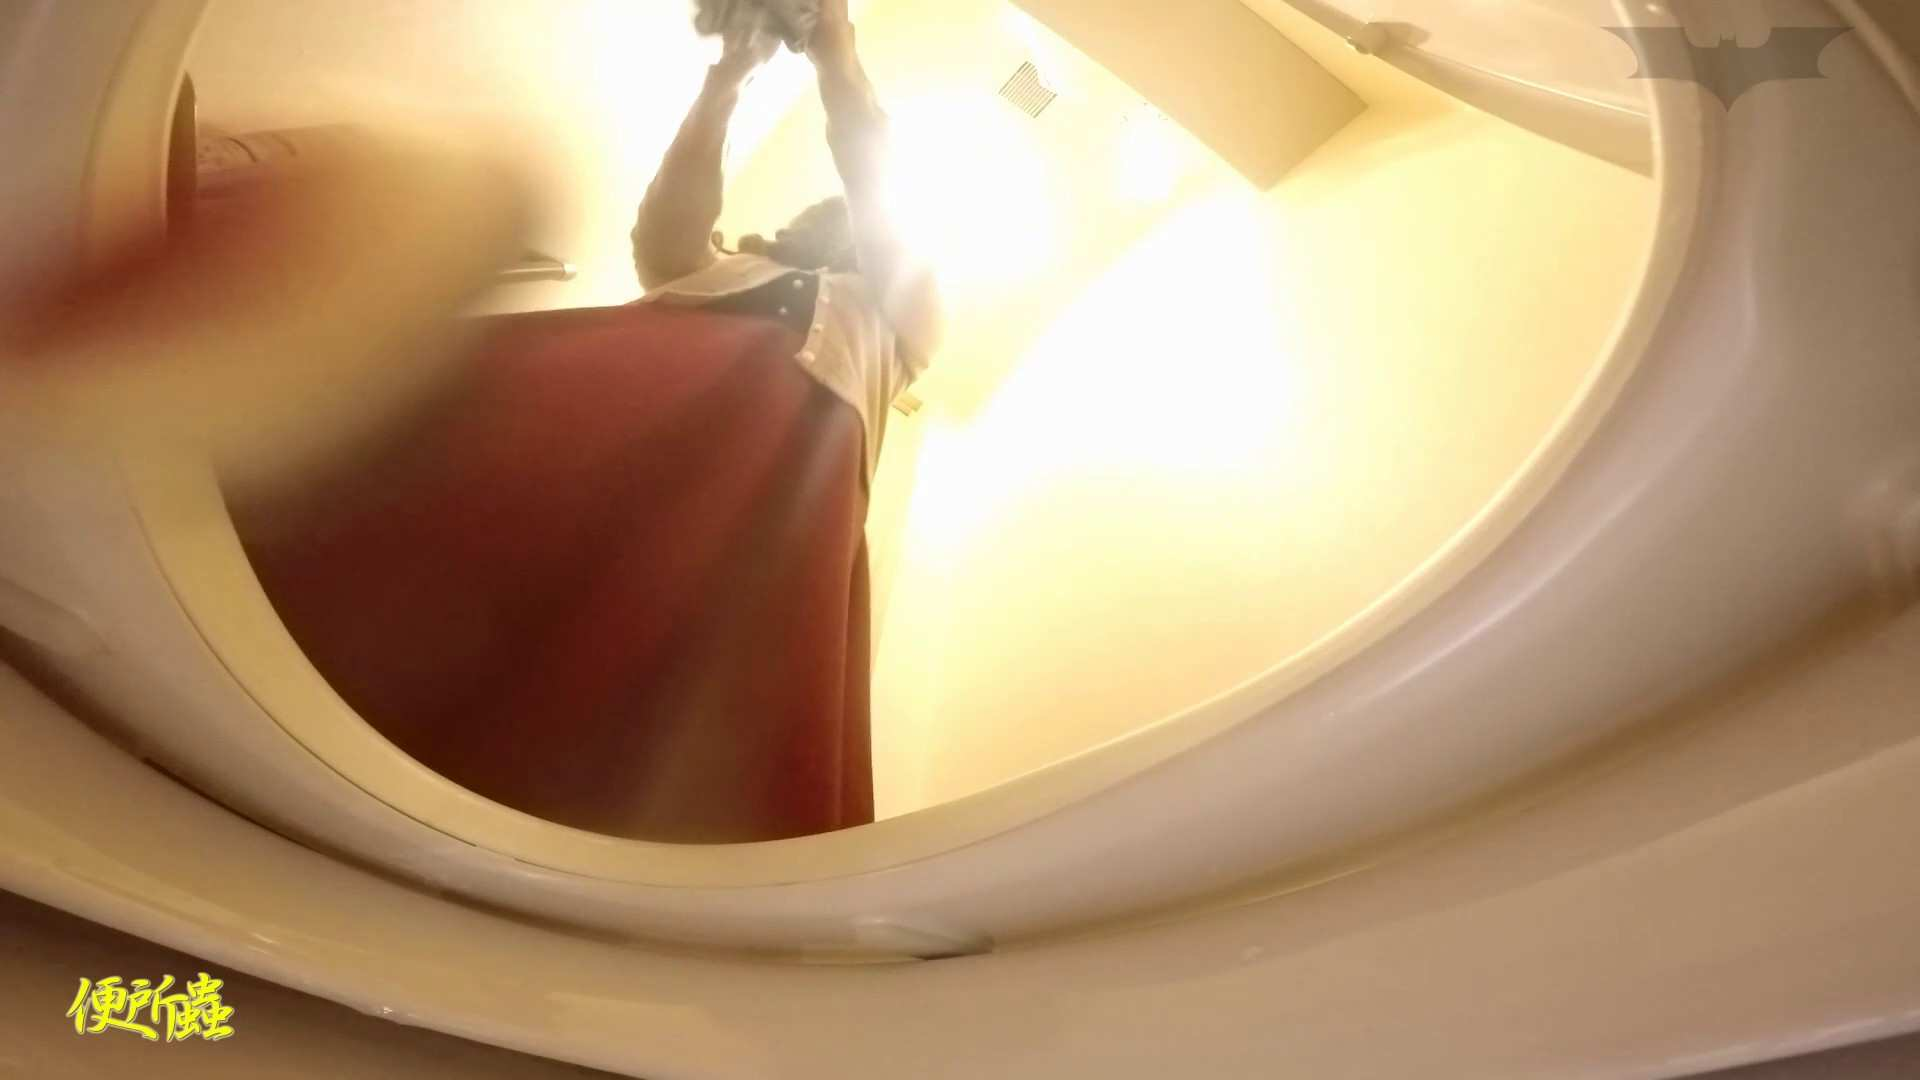 ▲2017_11位▲ うんこ亀ぶっかけ9名登場【洗面所盗撮】vol.20 OL  98pic 15